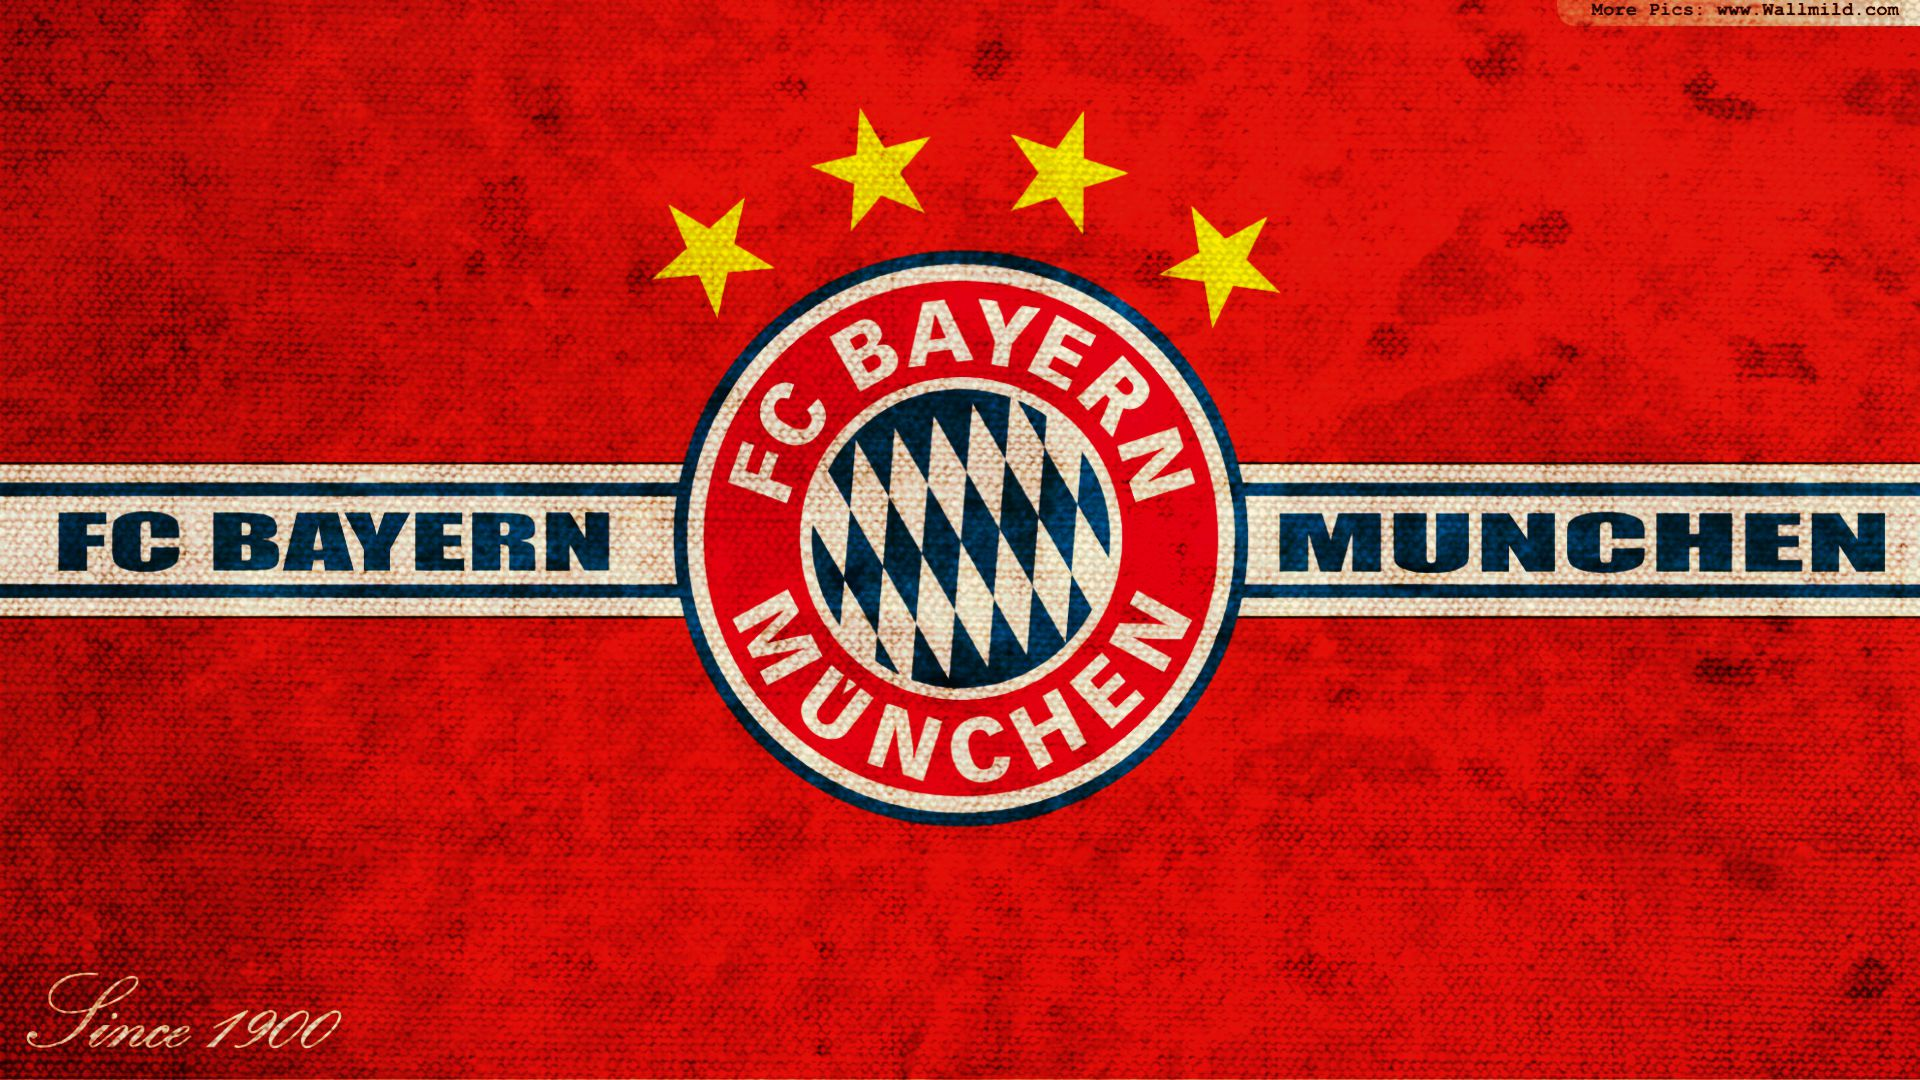 موزیک مخصوص طرفداران باشگاه بایرن مونیخ